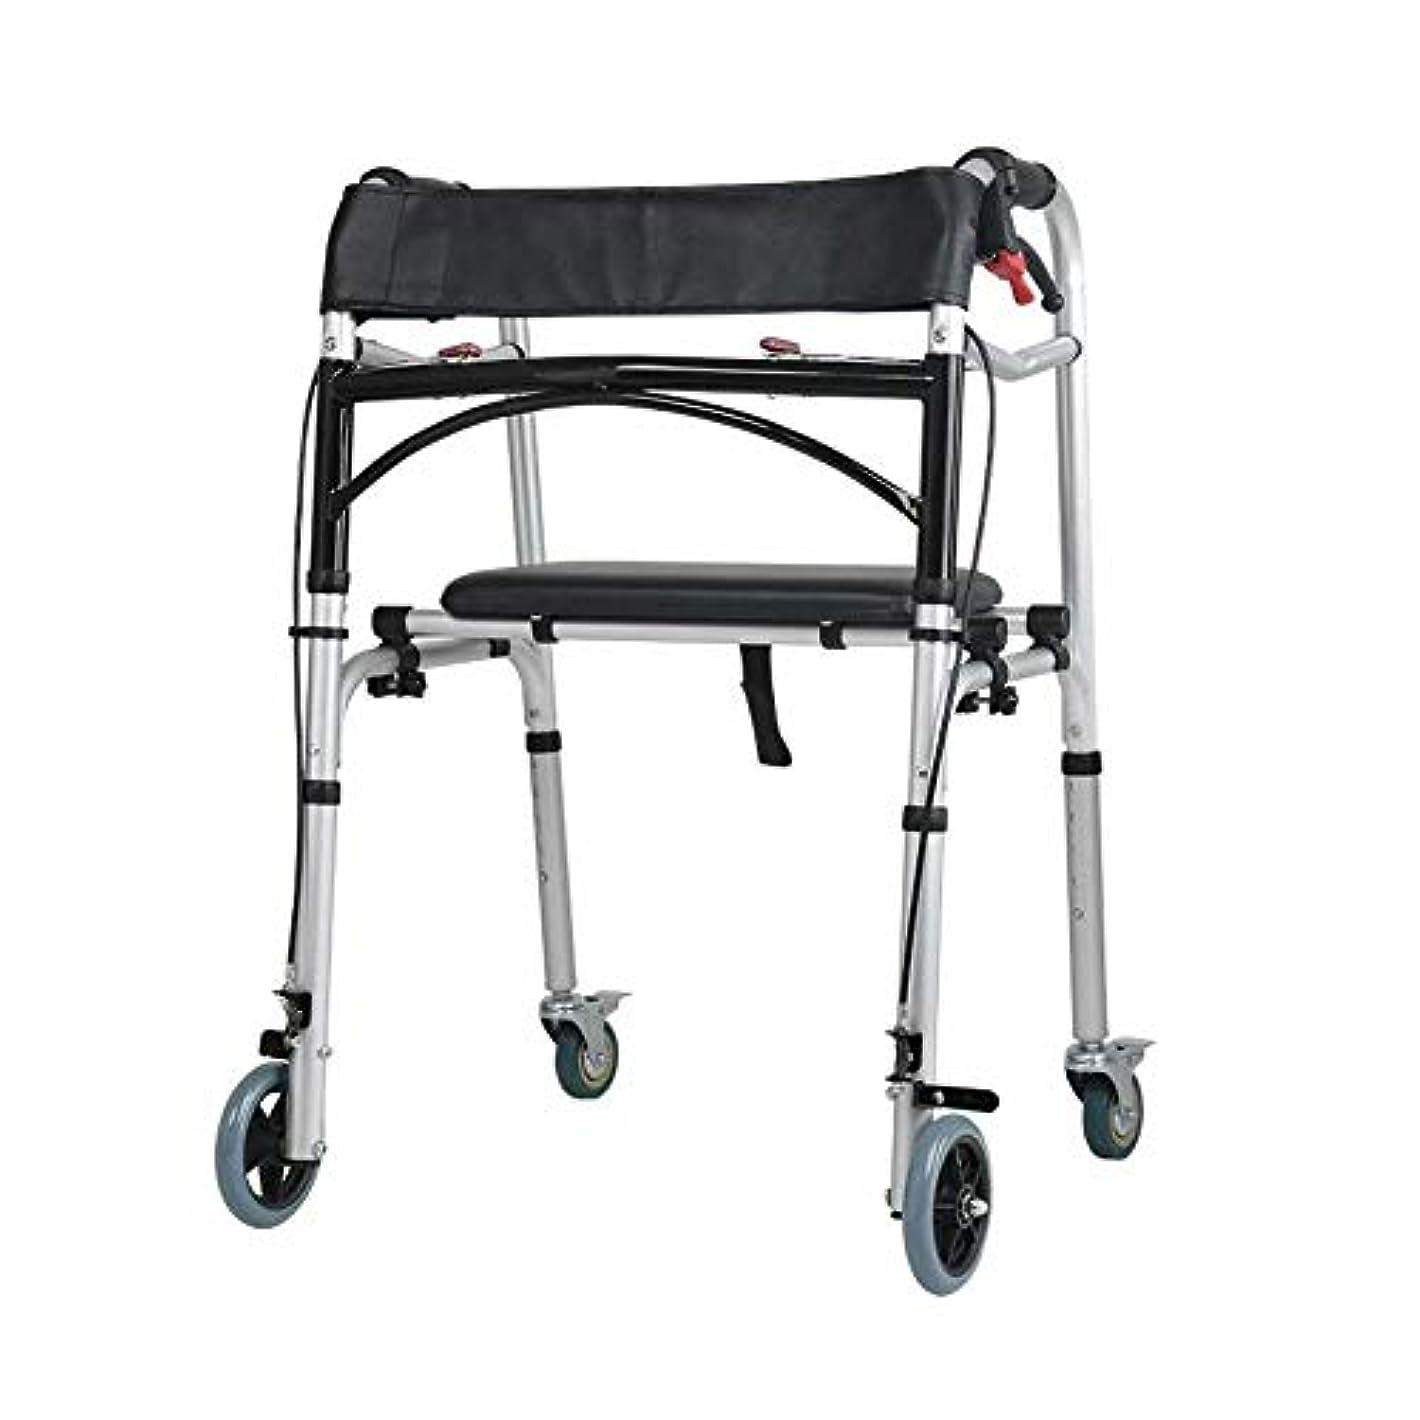 封筒難民石化するキャリングハンドルとフリップシート、多機能高齢者歩行杖4脚アンチスリップチェアスツール付き2輪ウォーキングフレーム (Color : 黒)